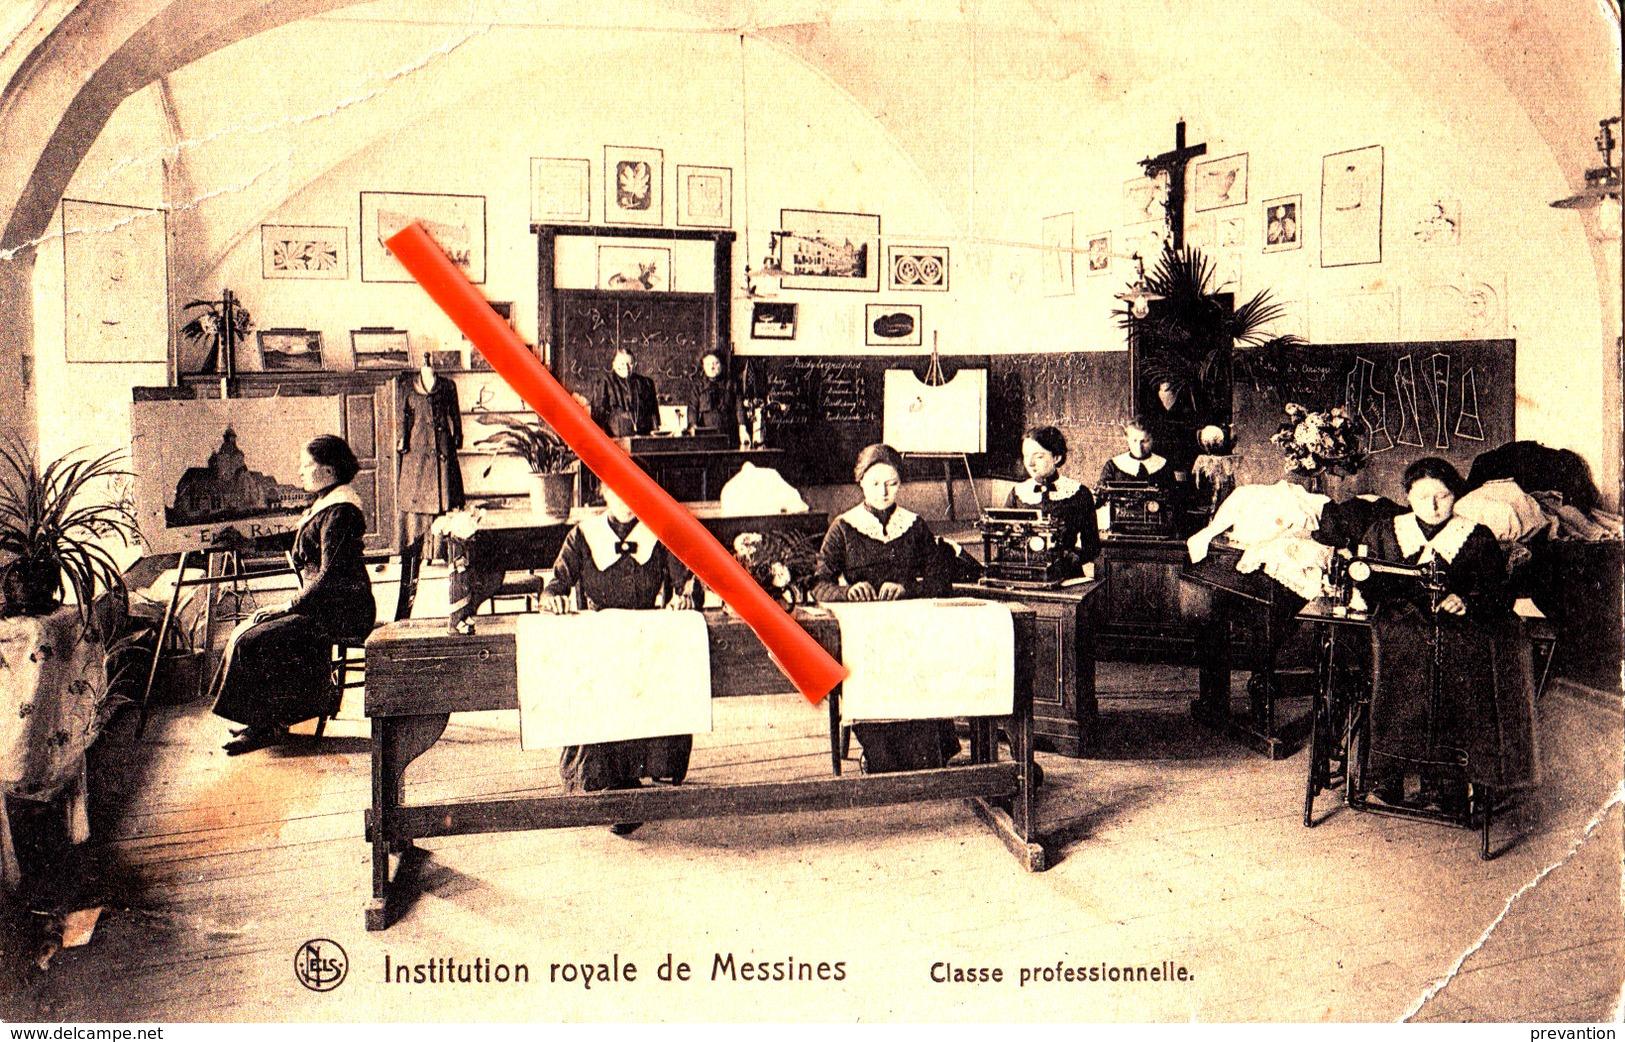 Institution Royale De Messines - Classe Professionnelle - Messines - Mesen